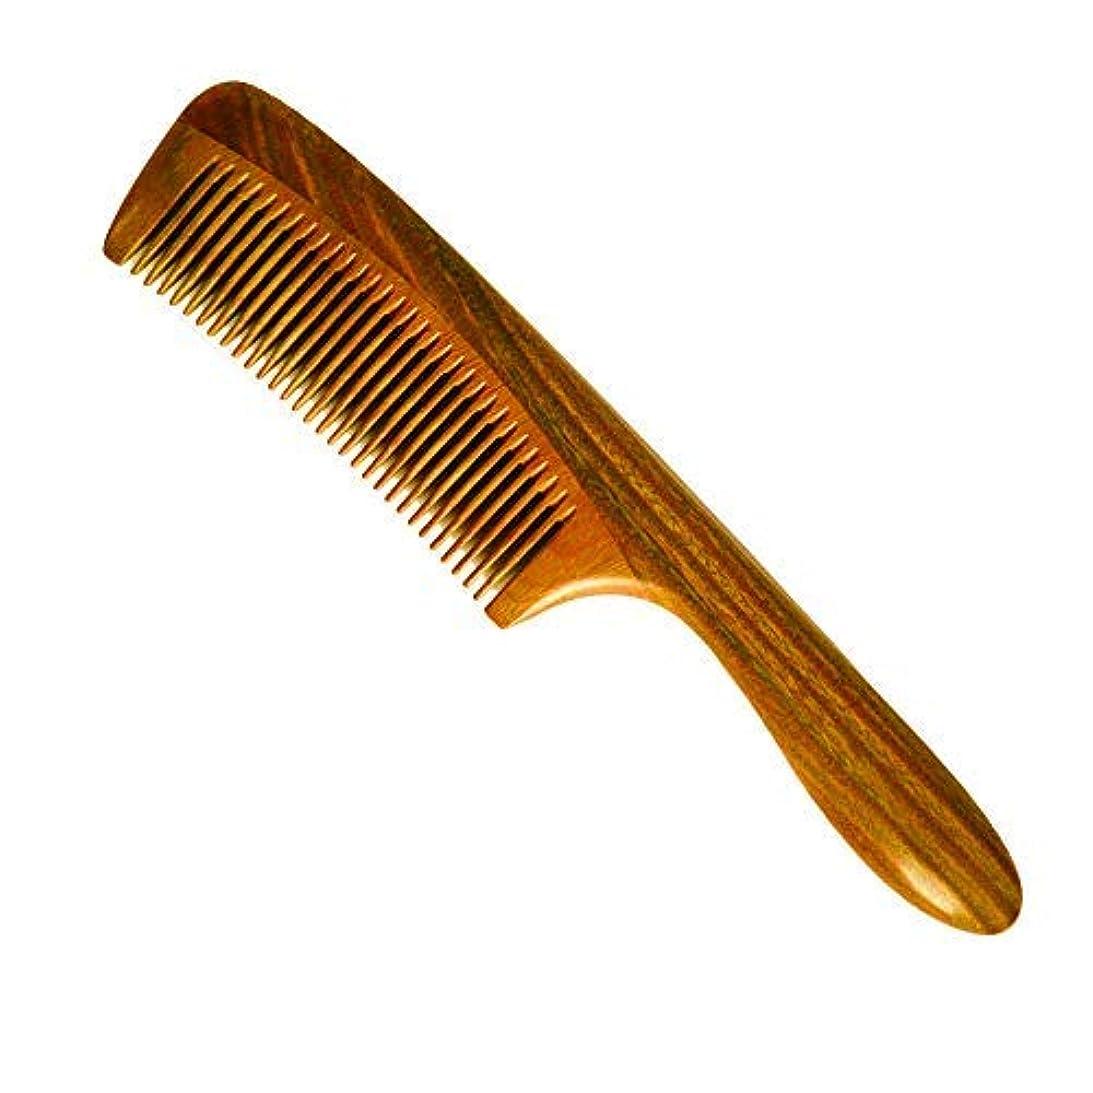 取り戻す毎月ブラケットHair Comb, Wooden Comb Tooth And Fine Tooth Wood Comb,Green Sandalwood, Women and Men Hair Combs (MR04) [並行輸入品]